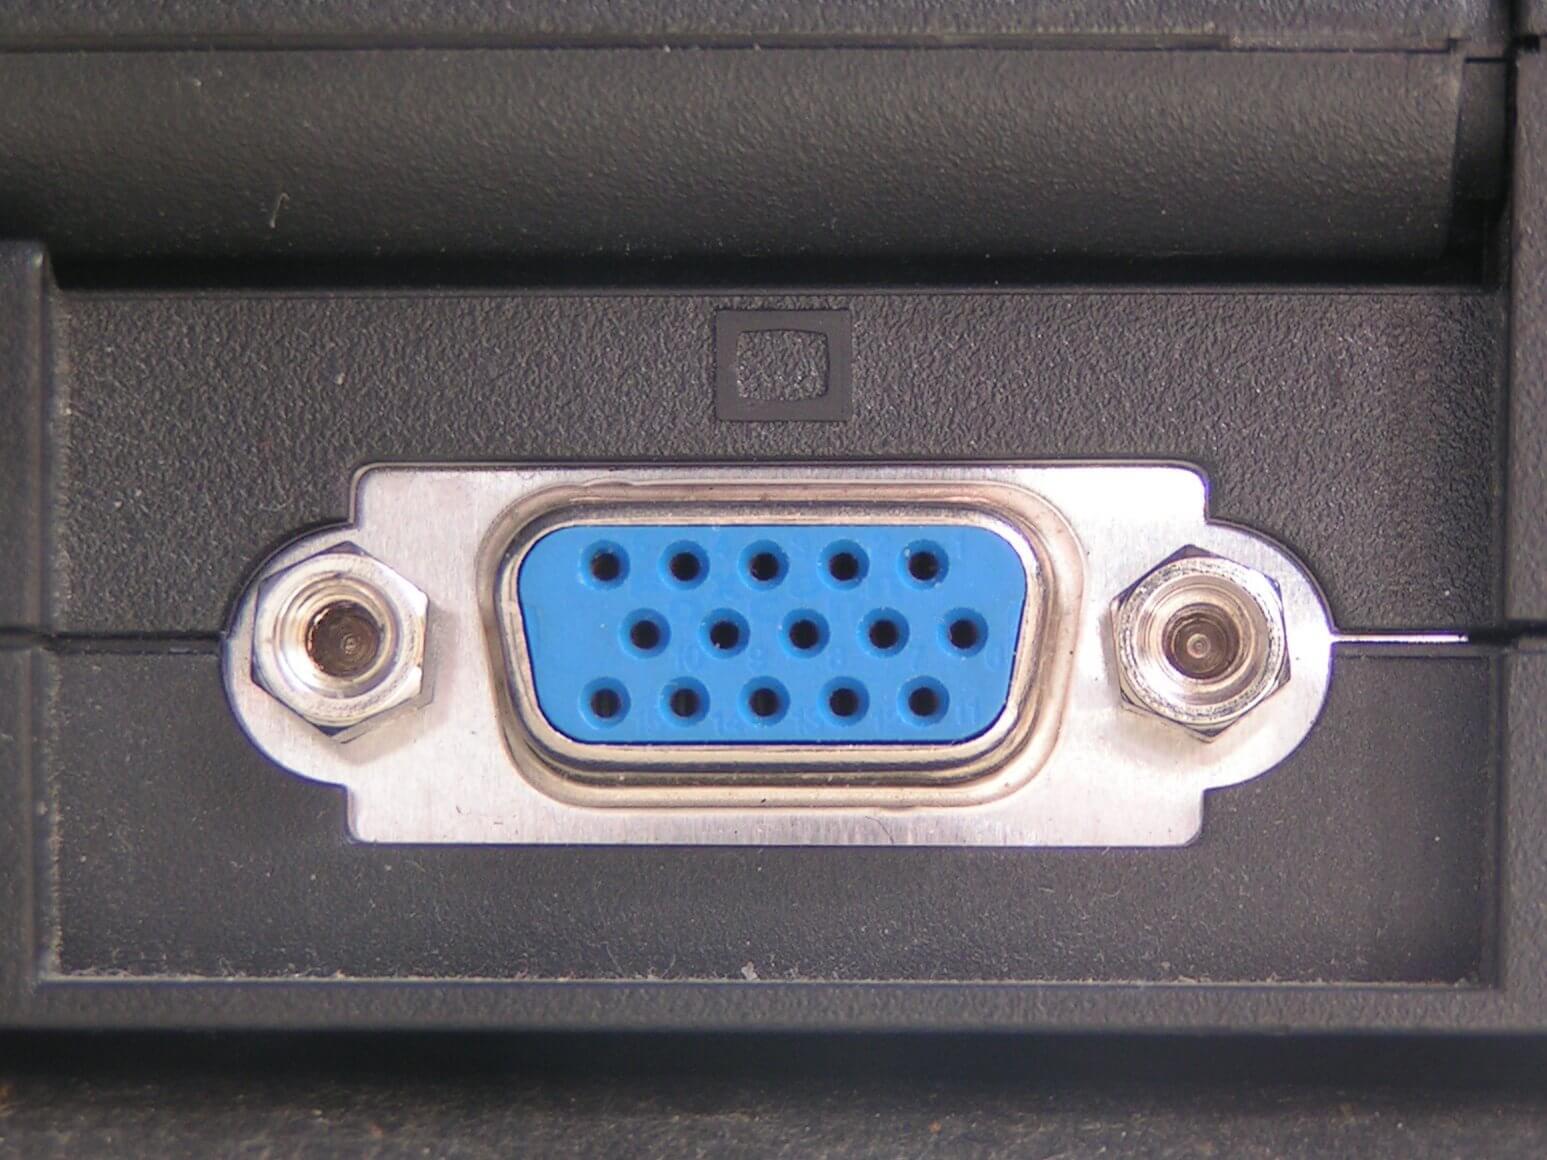 تصویری از یک درگاه VGA